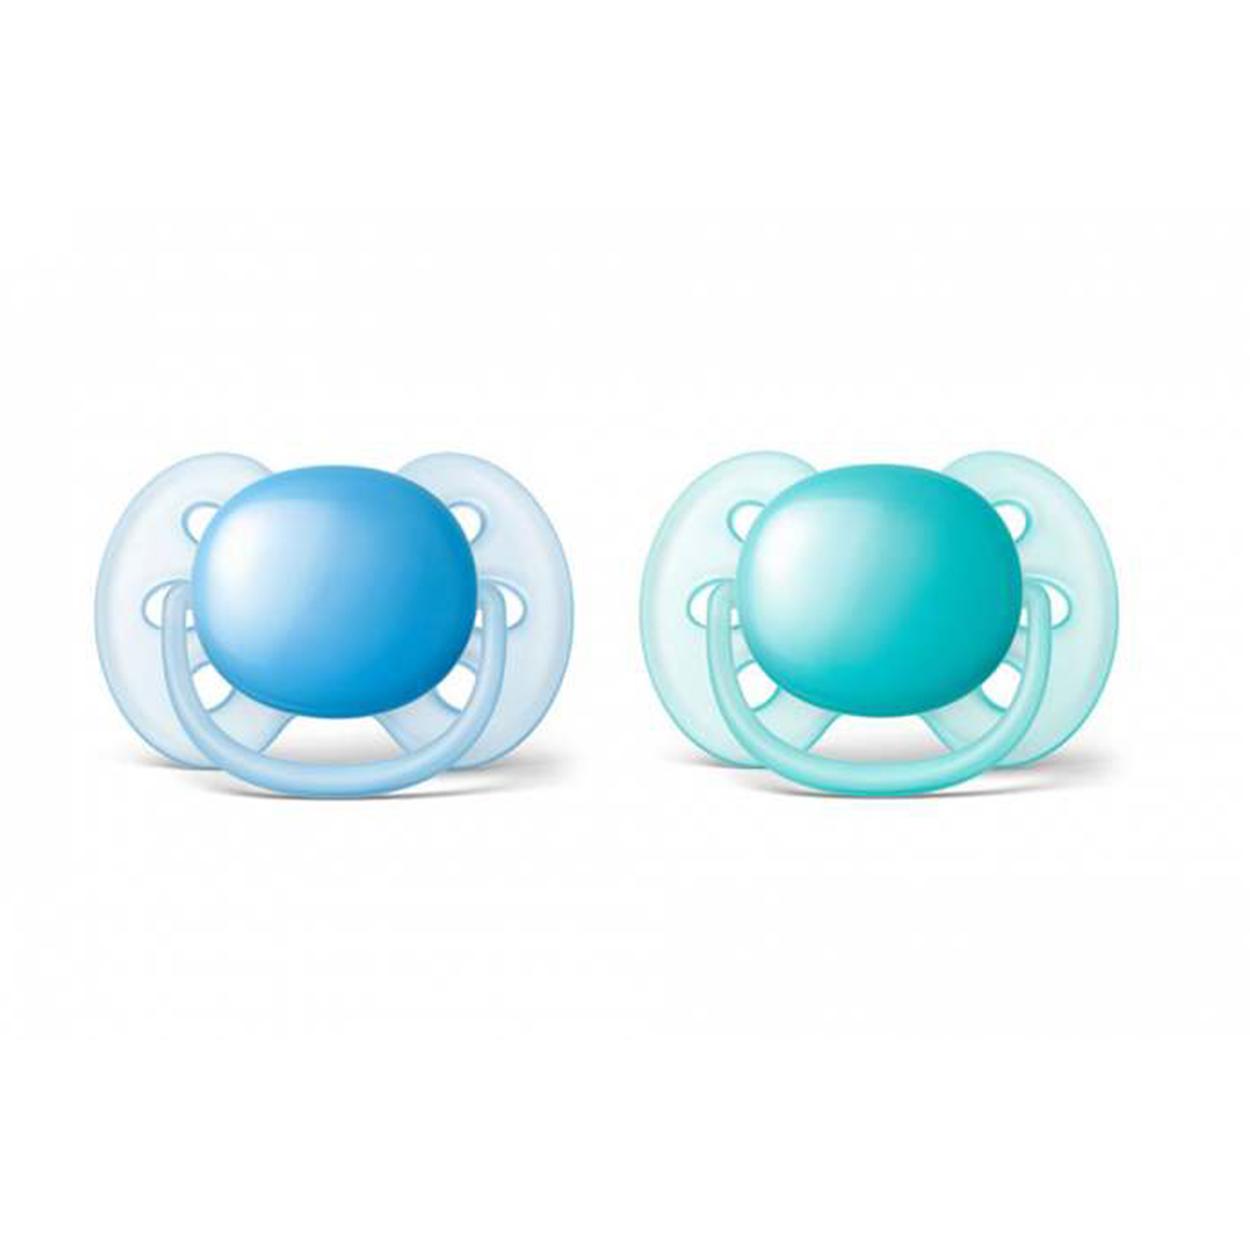 Pirkite Philips Avent itin minkštą čiulptuką SCF212/20 elektroninėje | Philips parduotuvėje